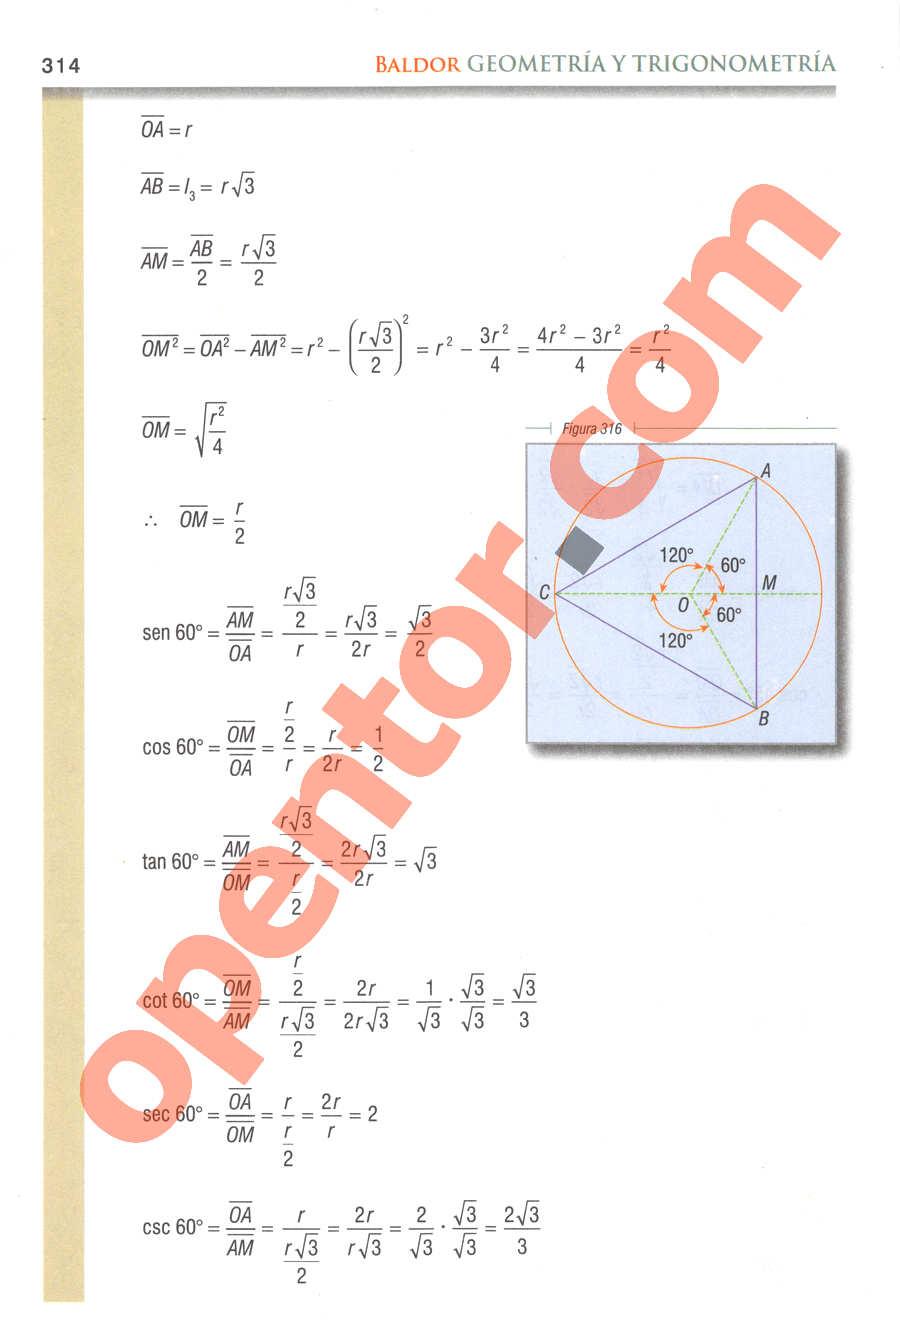 Geometría y Trigonometría de Baldor - Página 314